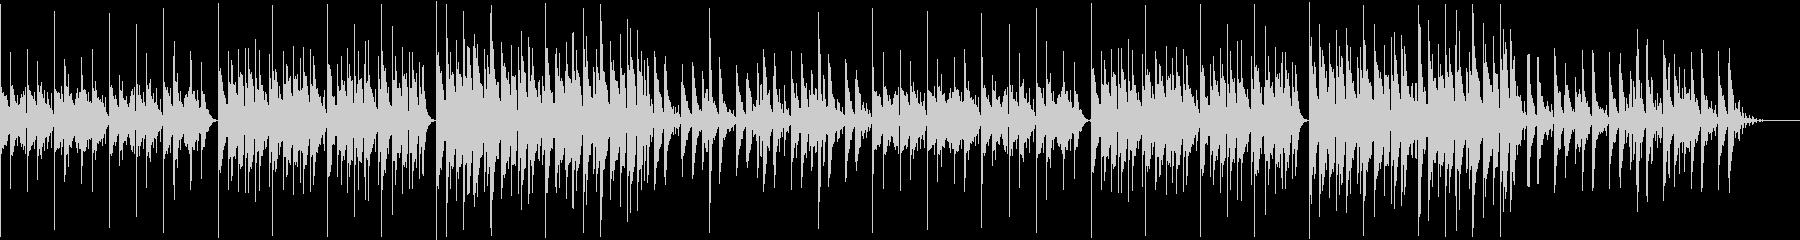 【チル】ゆったりとしたBGM・13の未再生の波形